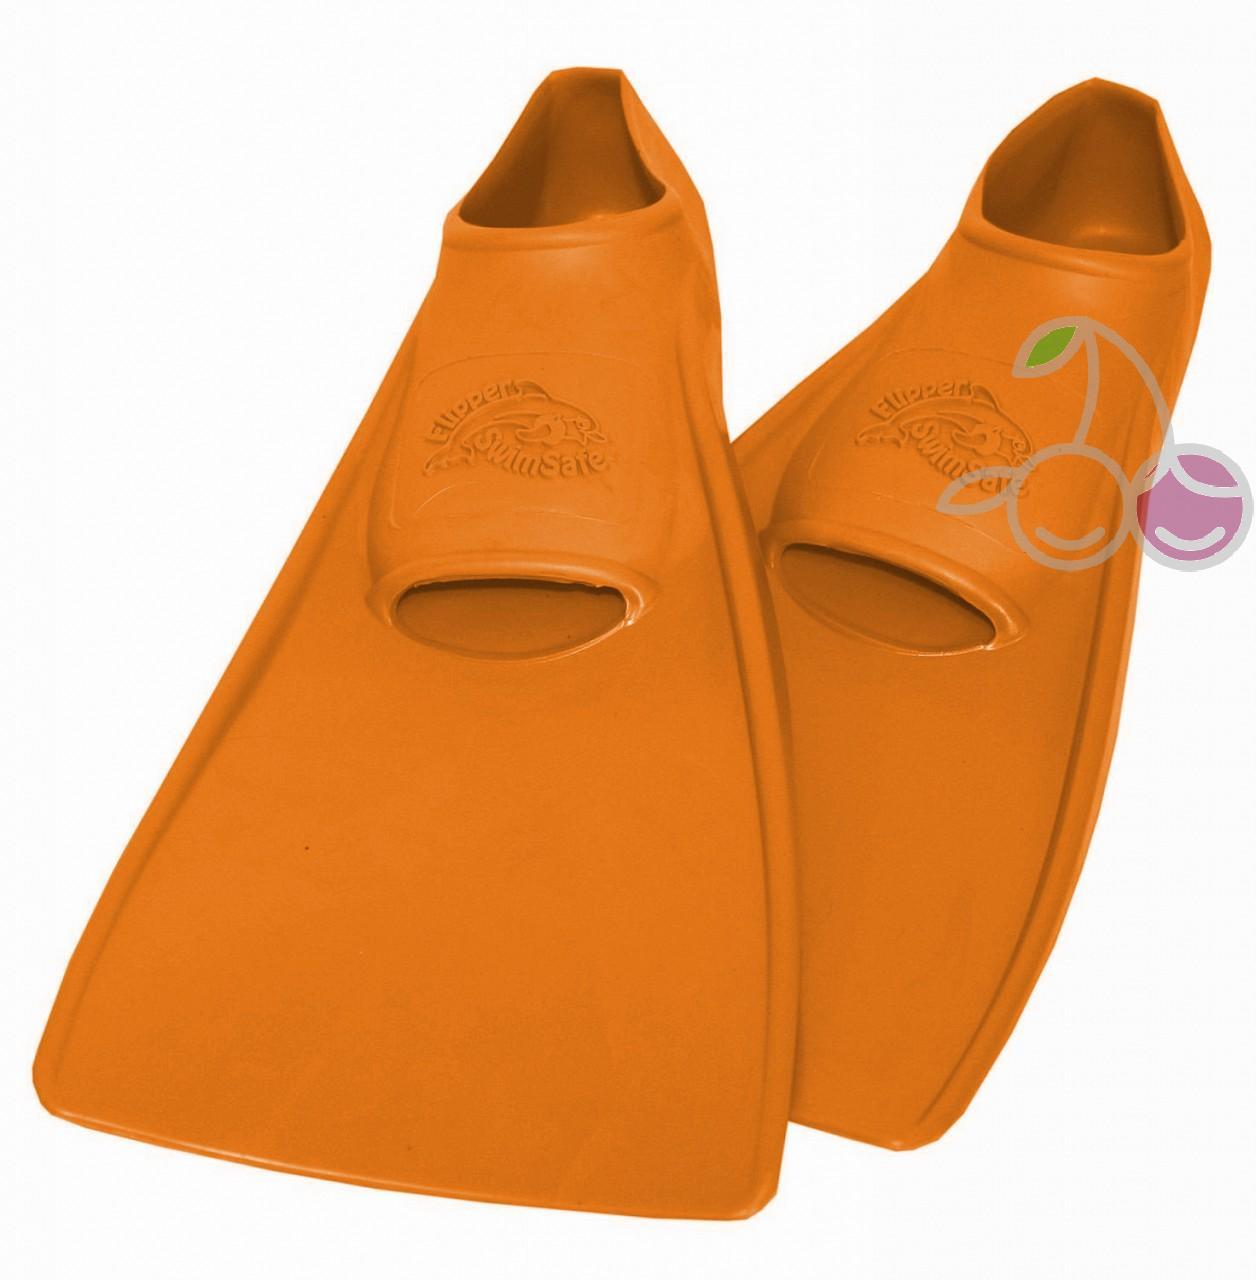 Ласты для бассейна резиновые детские размеры 24-26 оранжевые СВИМСЕЙФ (SwimSafe) Германия, - фото 1